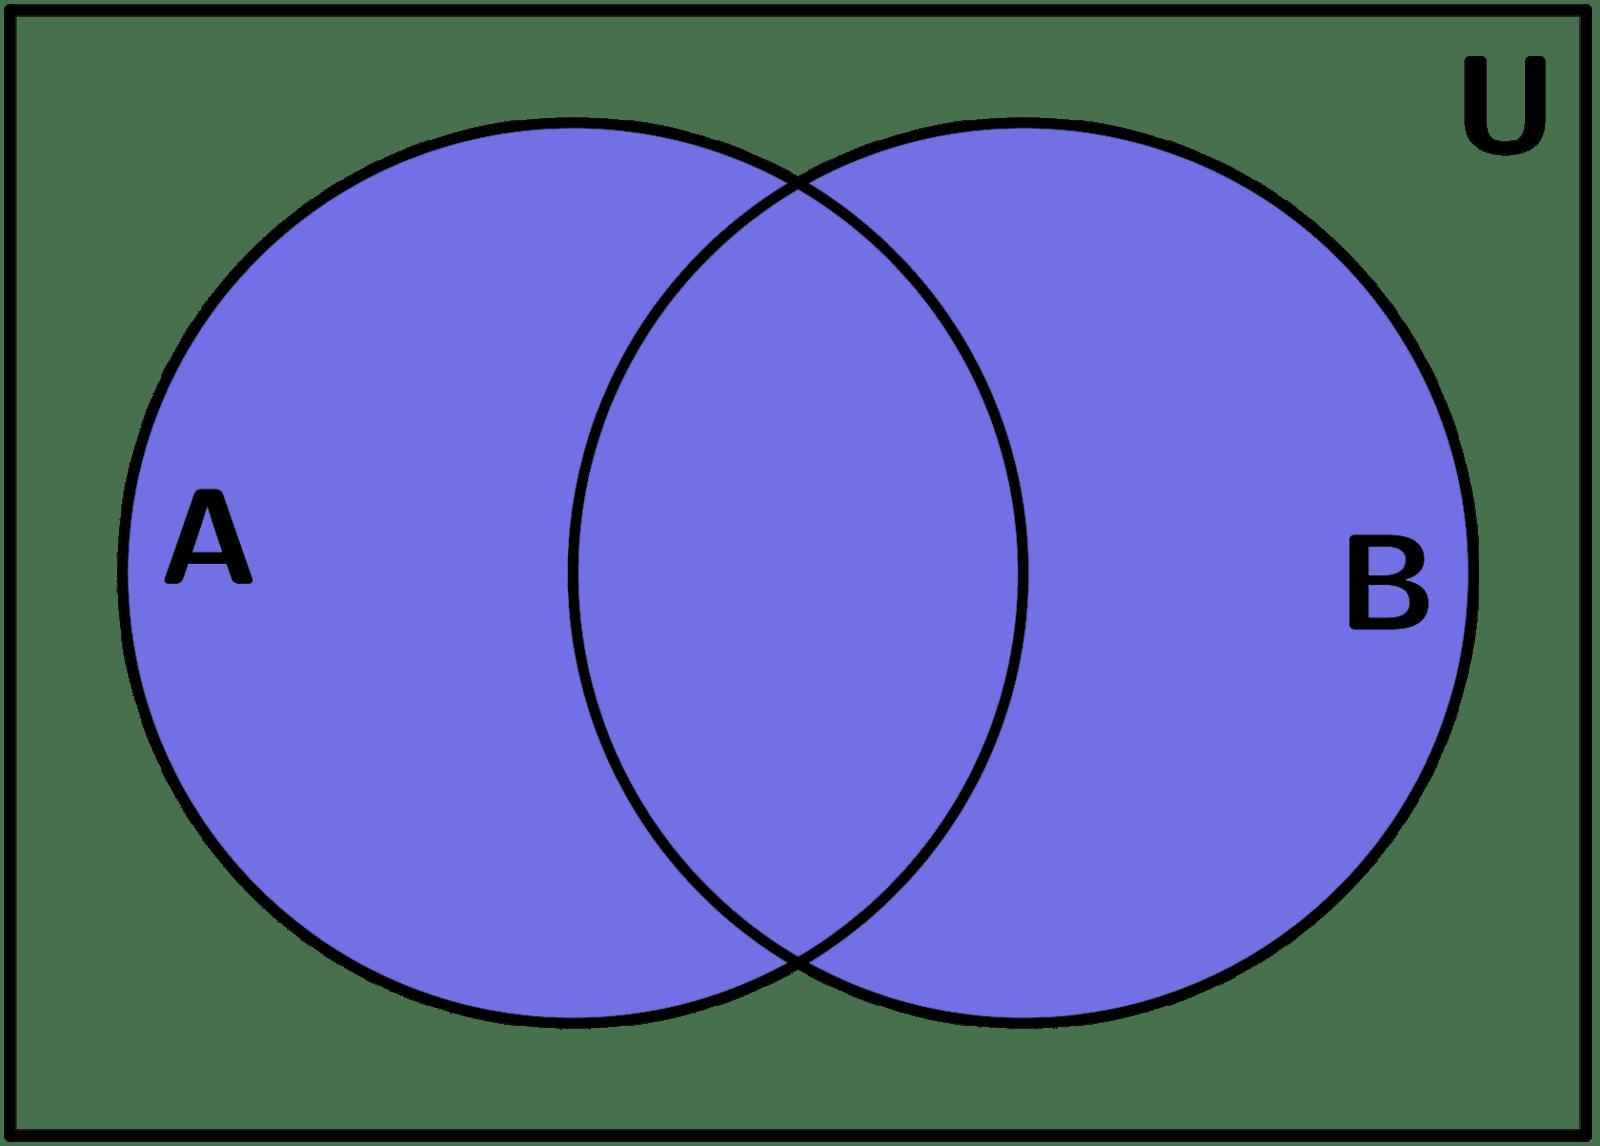 a union b c venn diagram 1979 toyota fj40 wiring diagramas de explicación y ejemplos